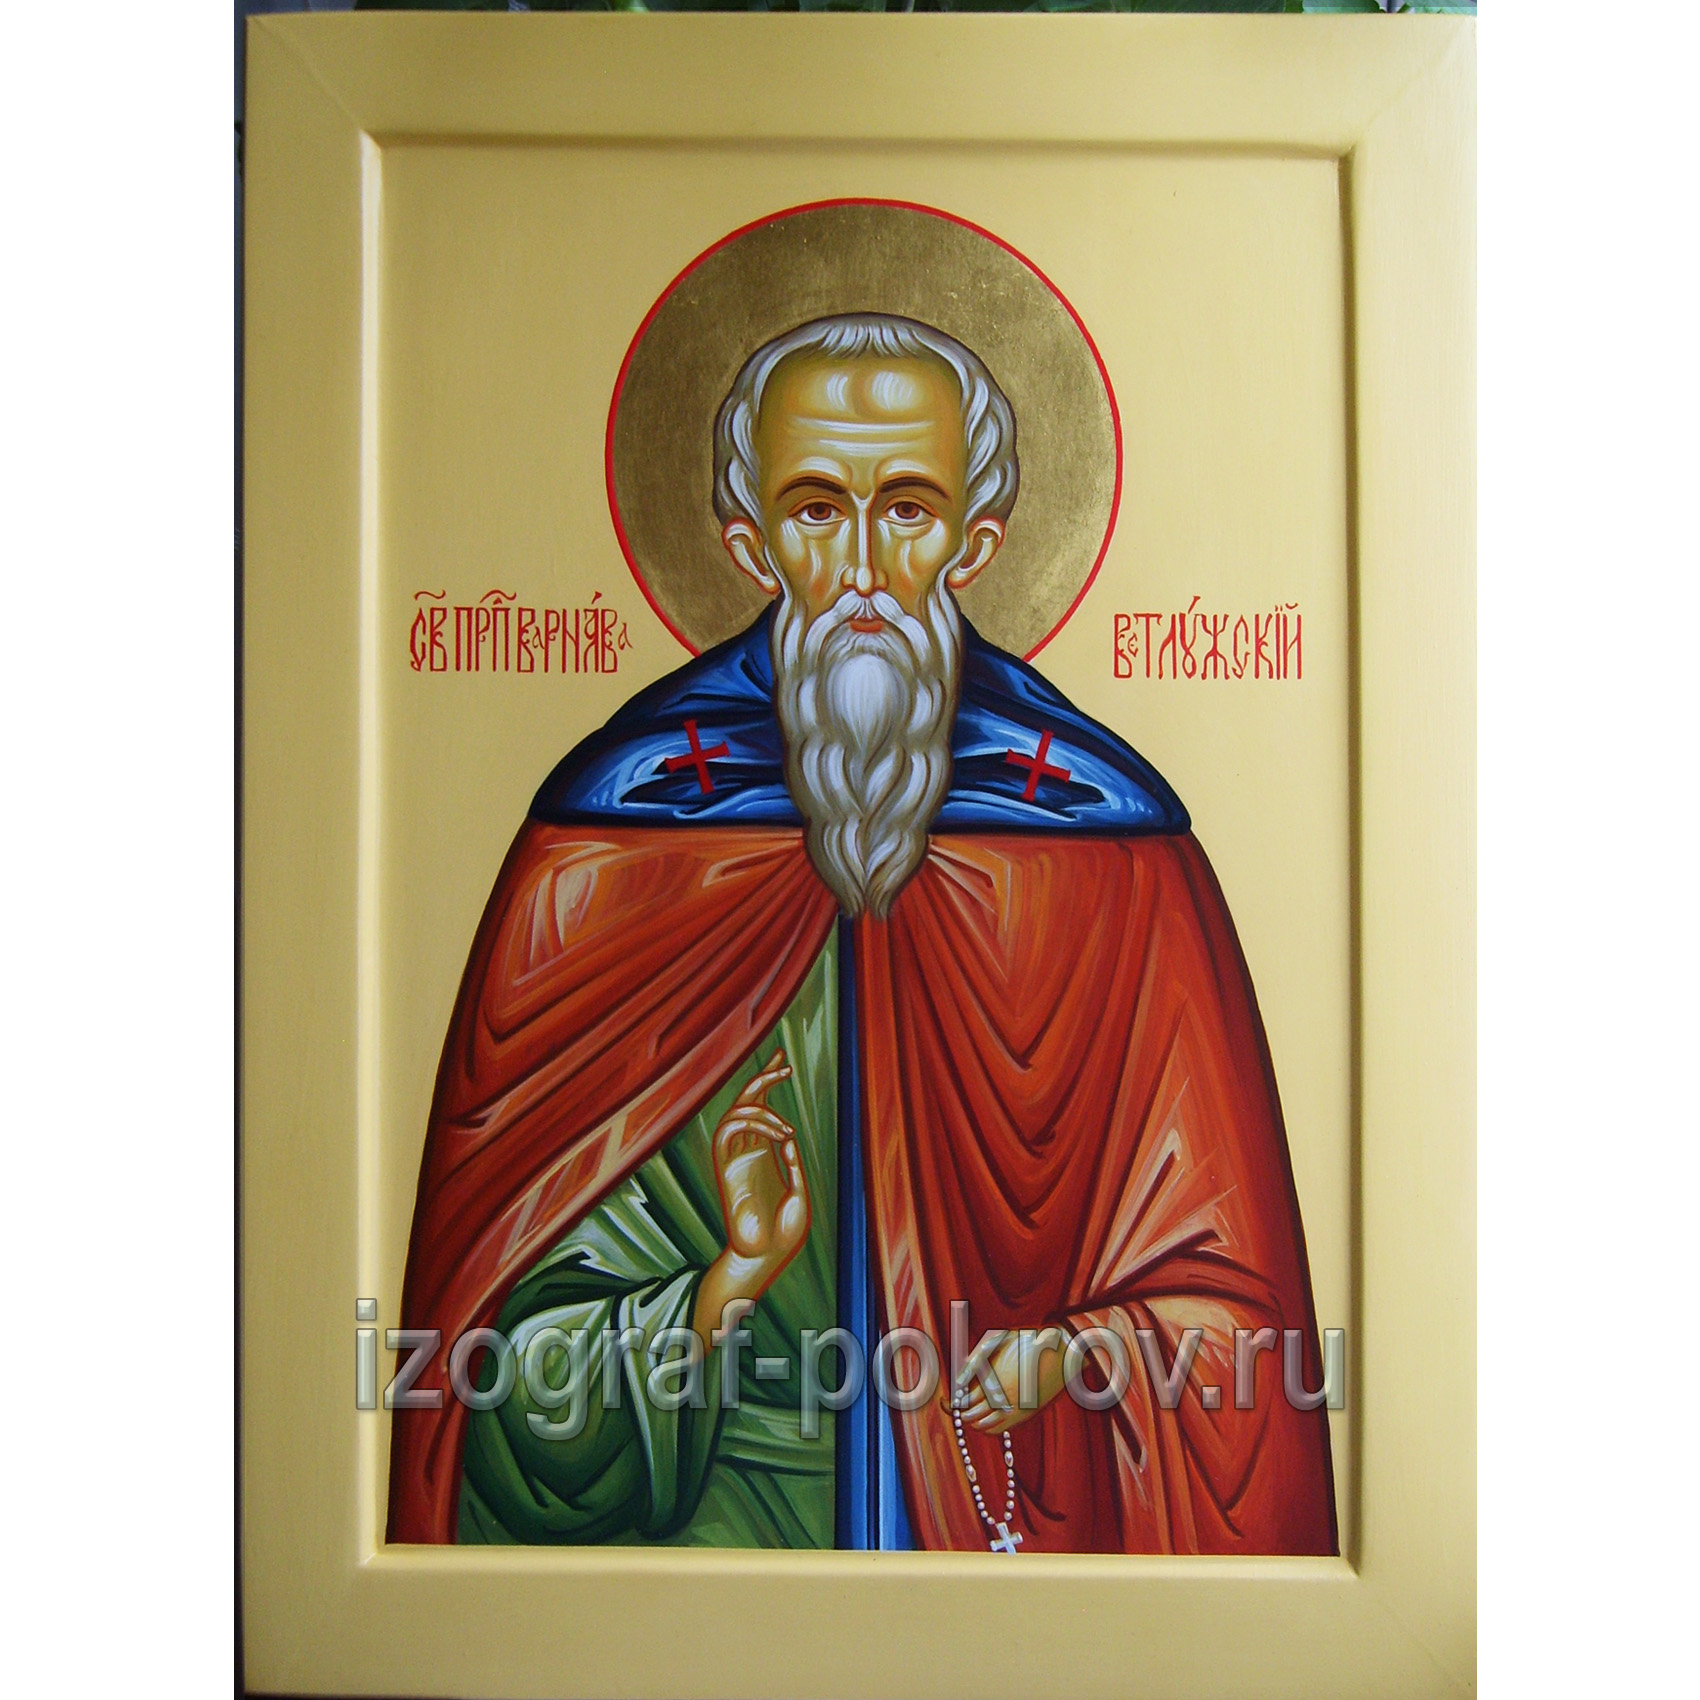 Икона Варнава Ветлужский преподобный. Иконописная Покров Константиновск